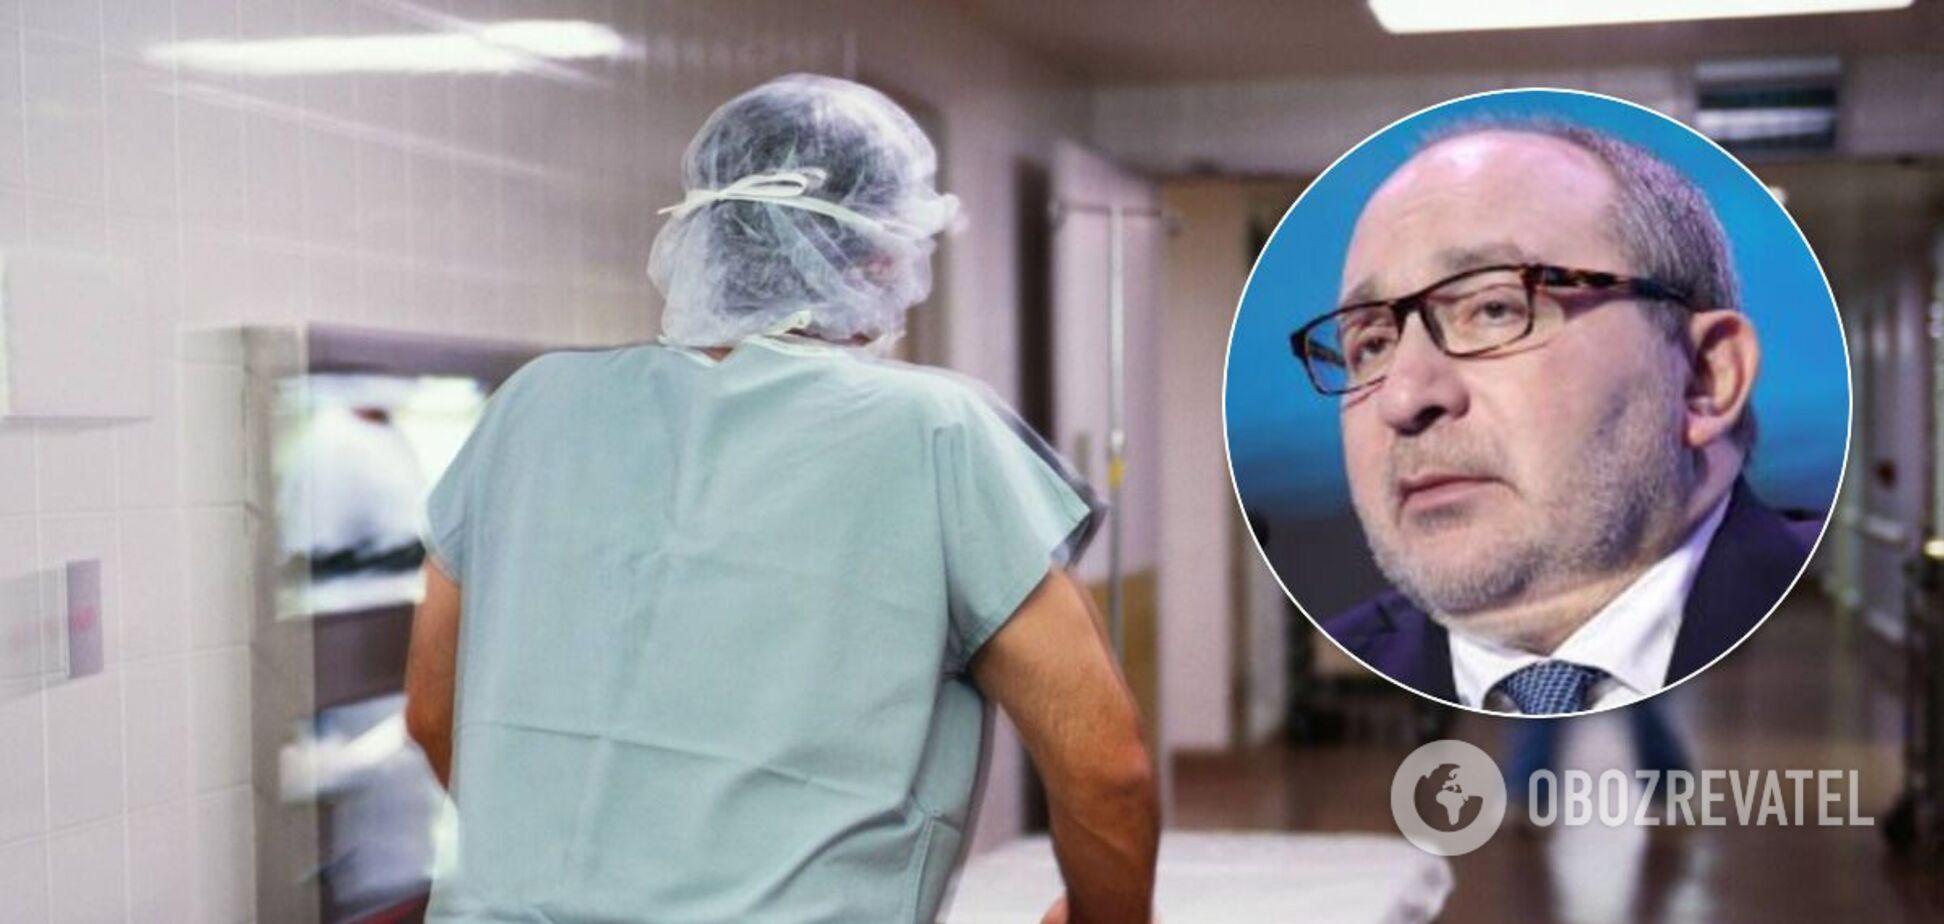 З'явилися подробиці останніх днів життя Кернеса: лікарі сподівалися на диво